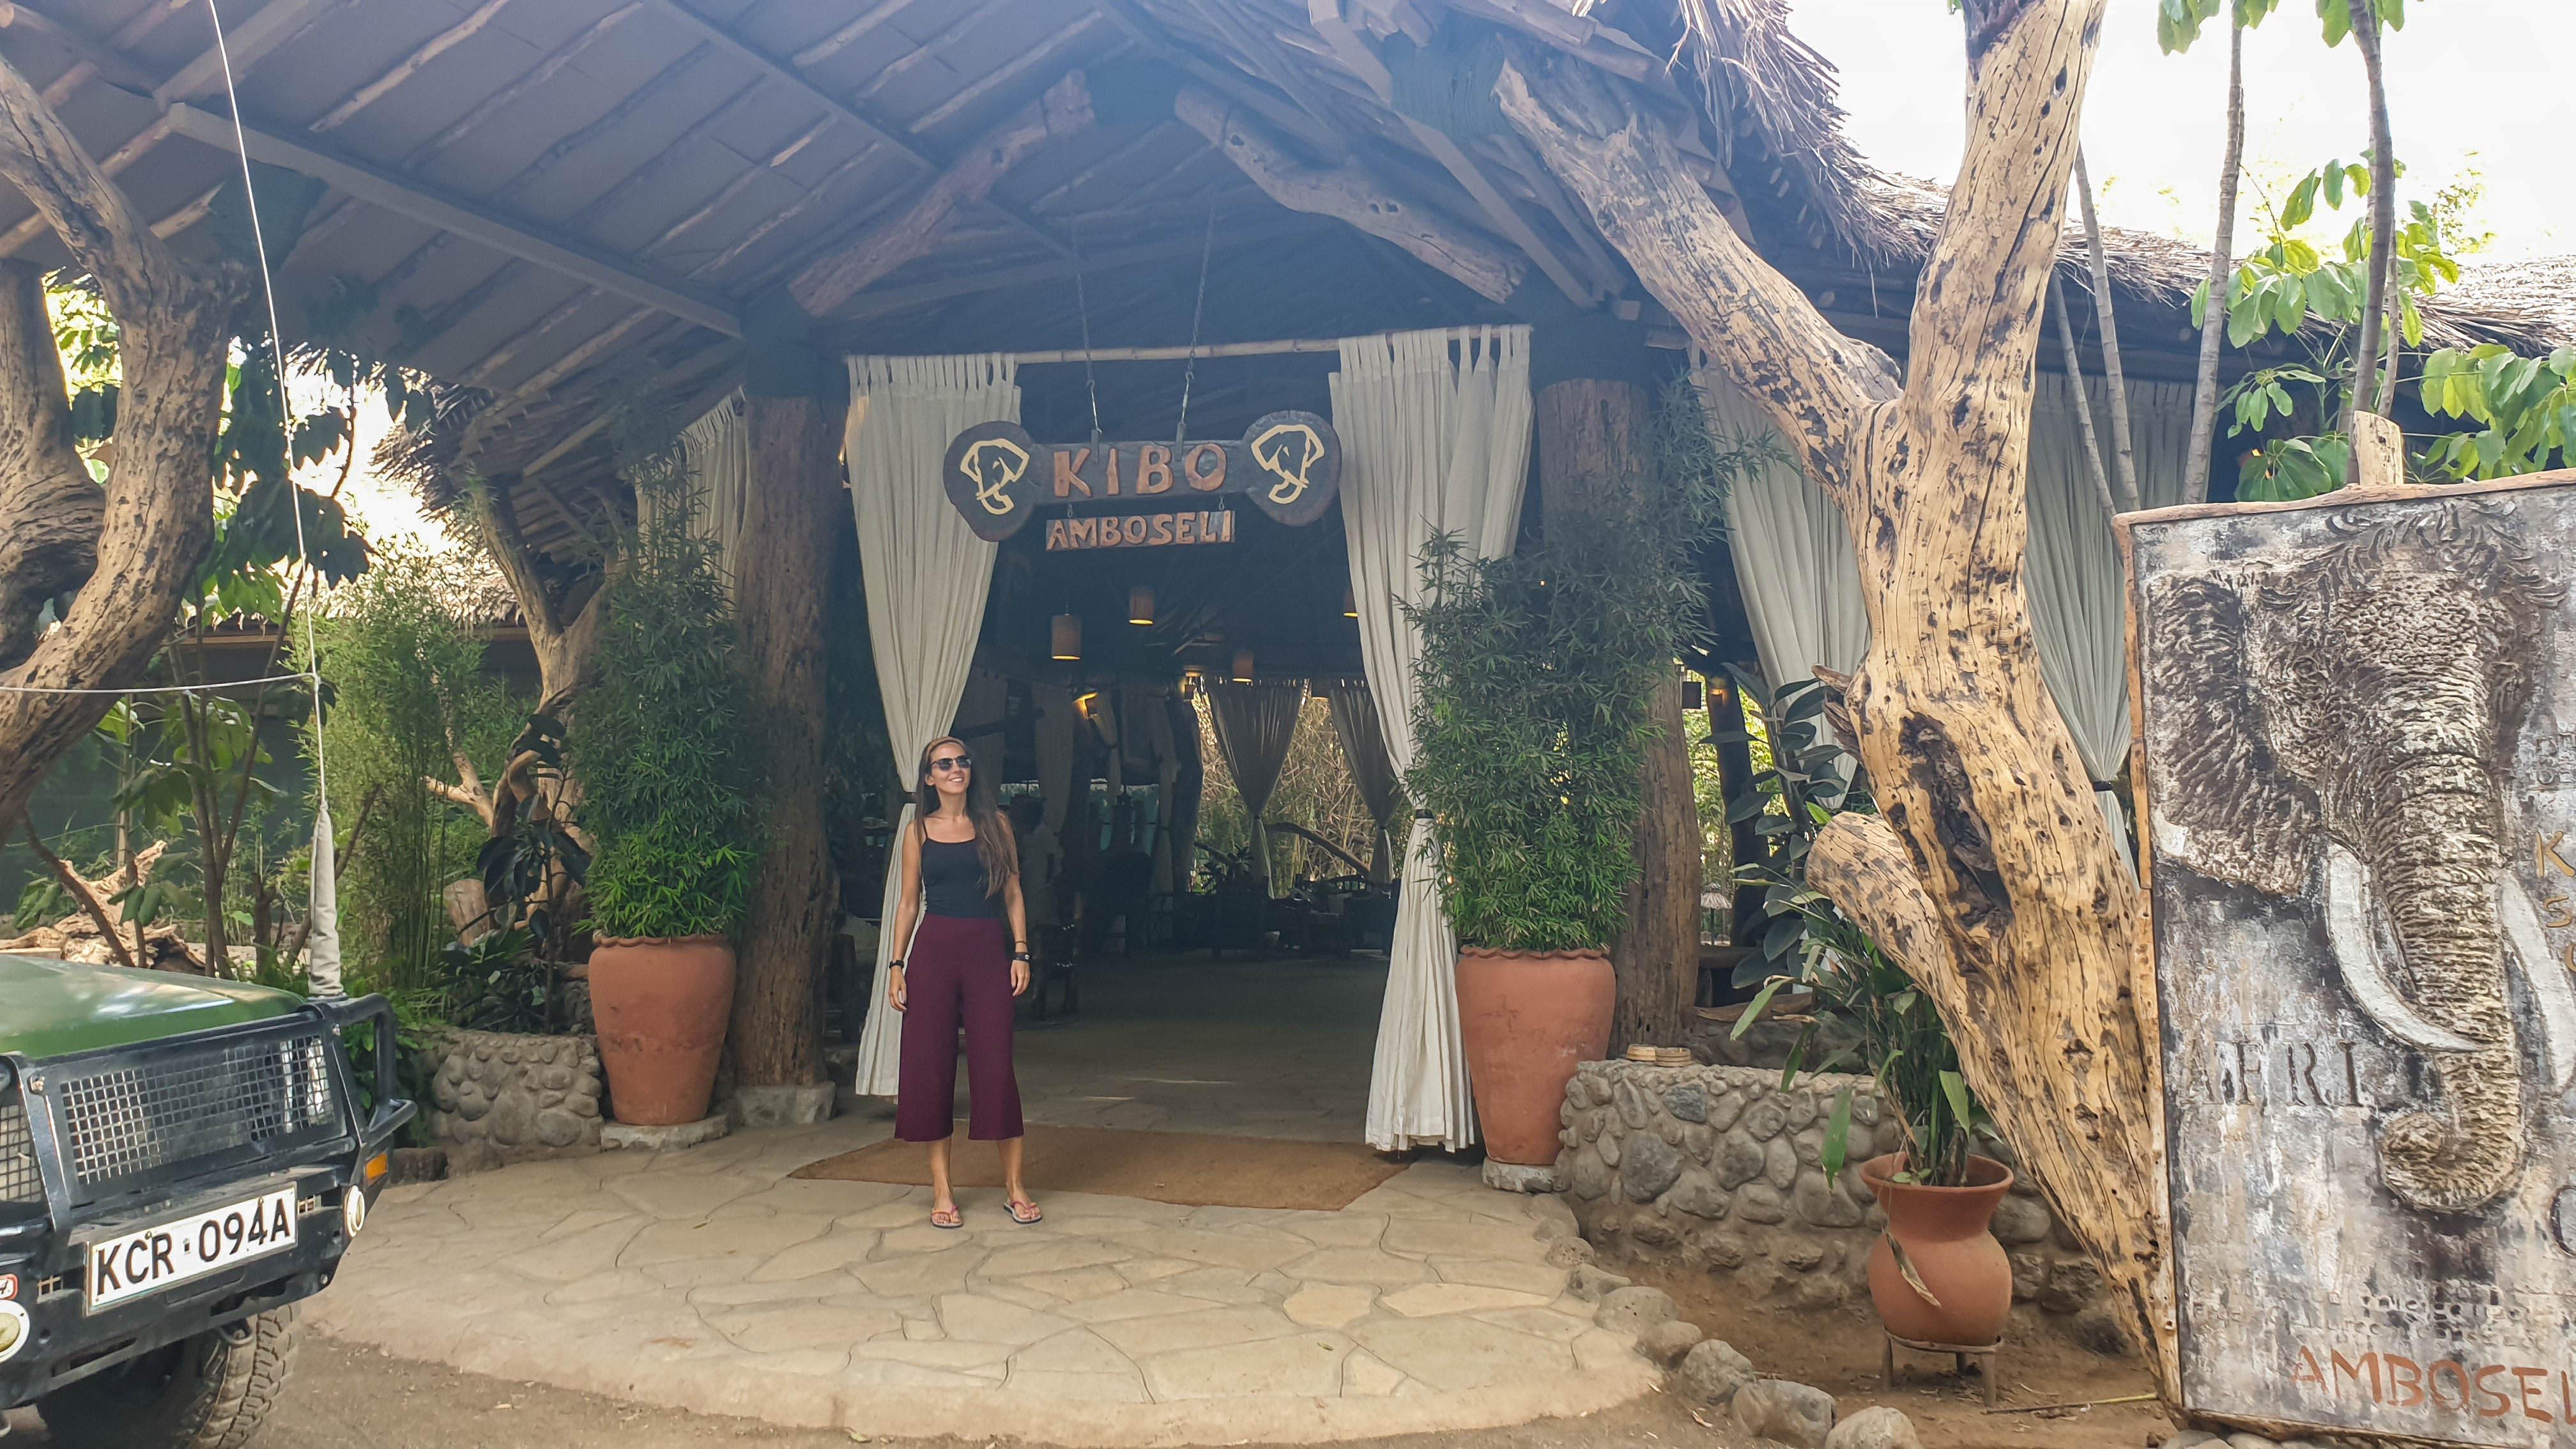 Nuestro alojamiento Kibo Safari Camp en Amboseli, Kenia